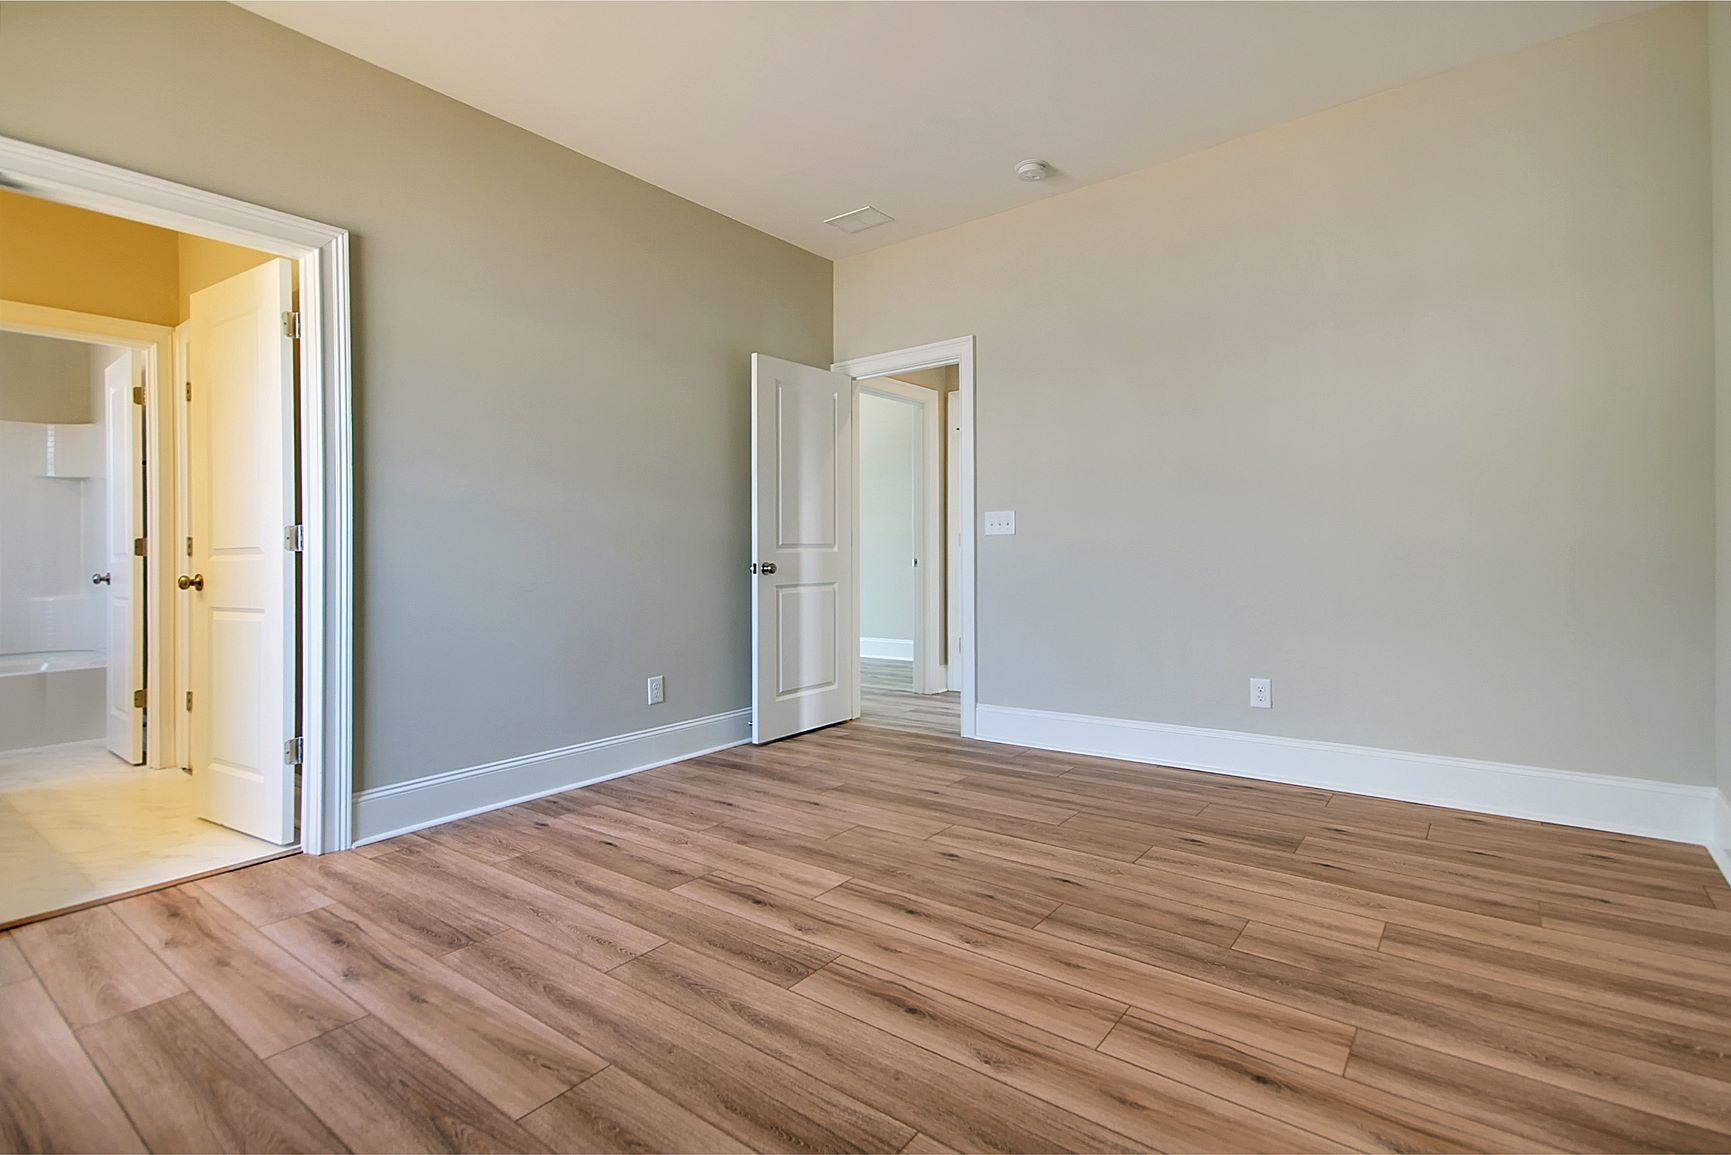 Kings Flats Homes For Sale - 121 Alder, Charleston, SC - 14